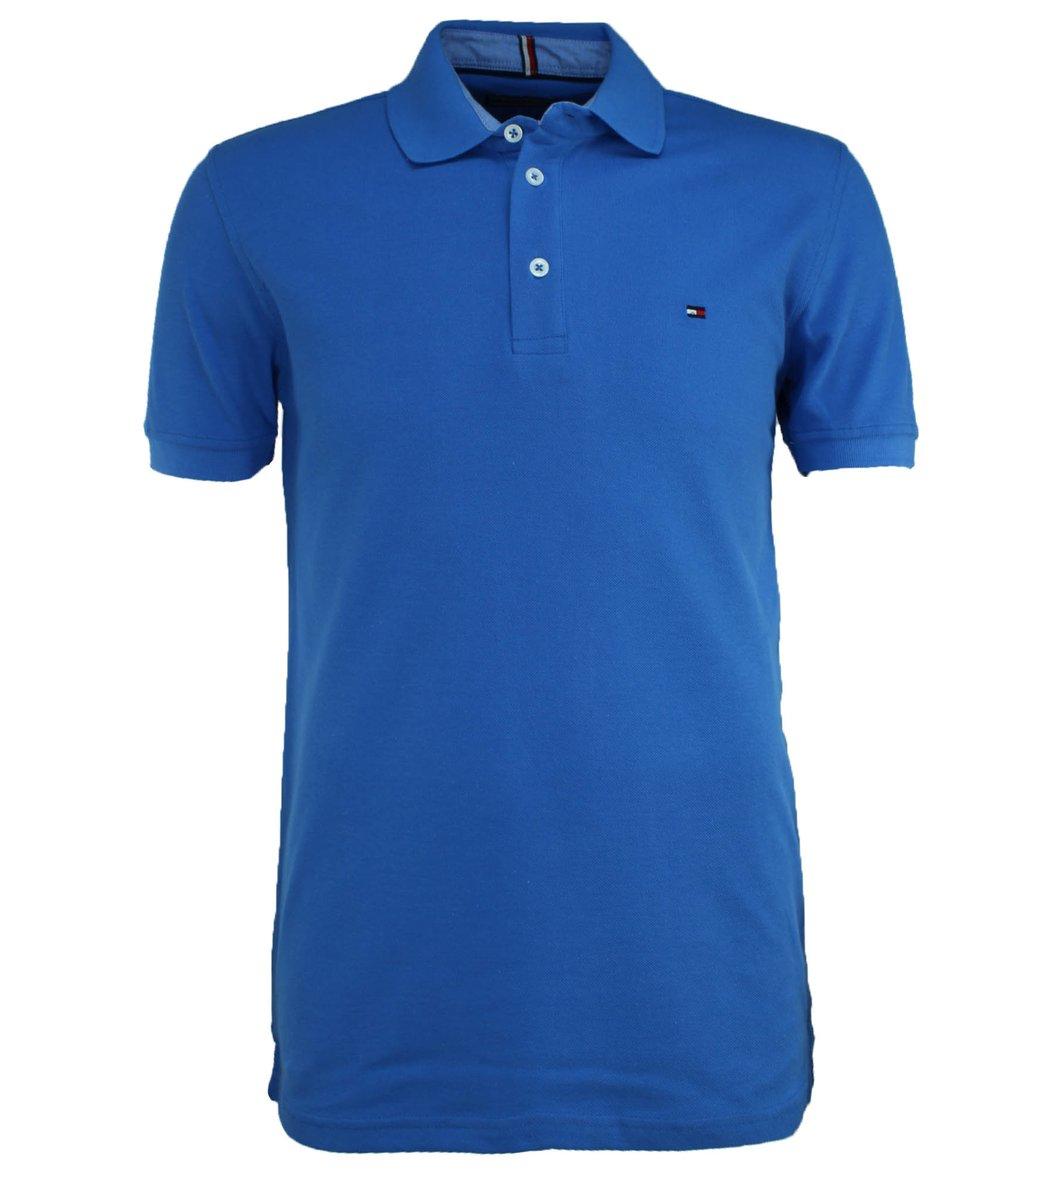 Синяя футболка поло Tommy Hilfiger T3